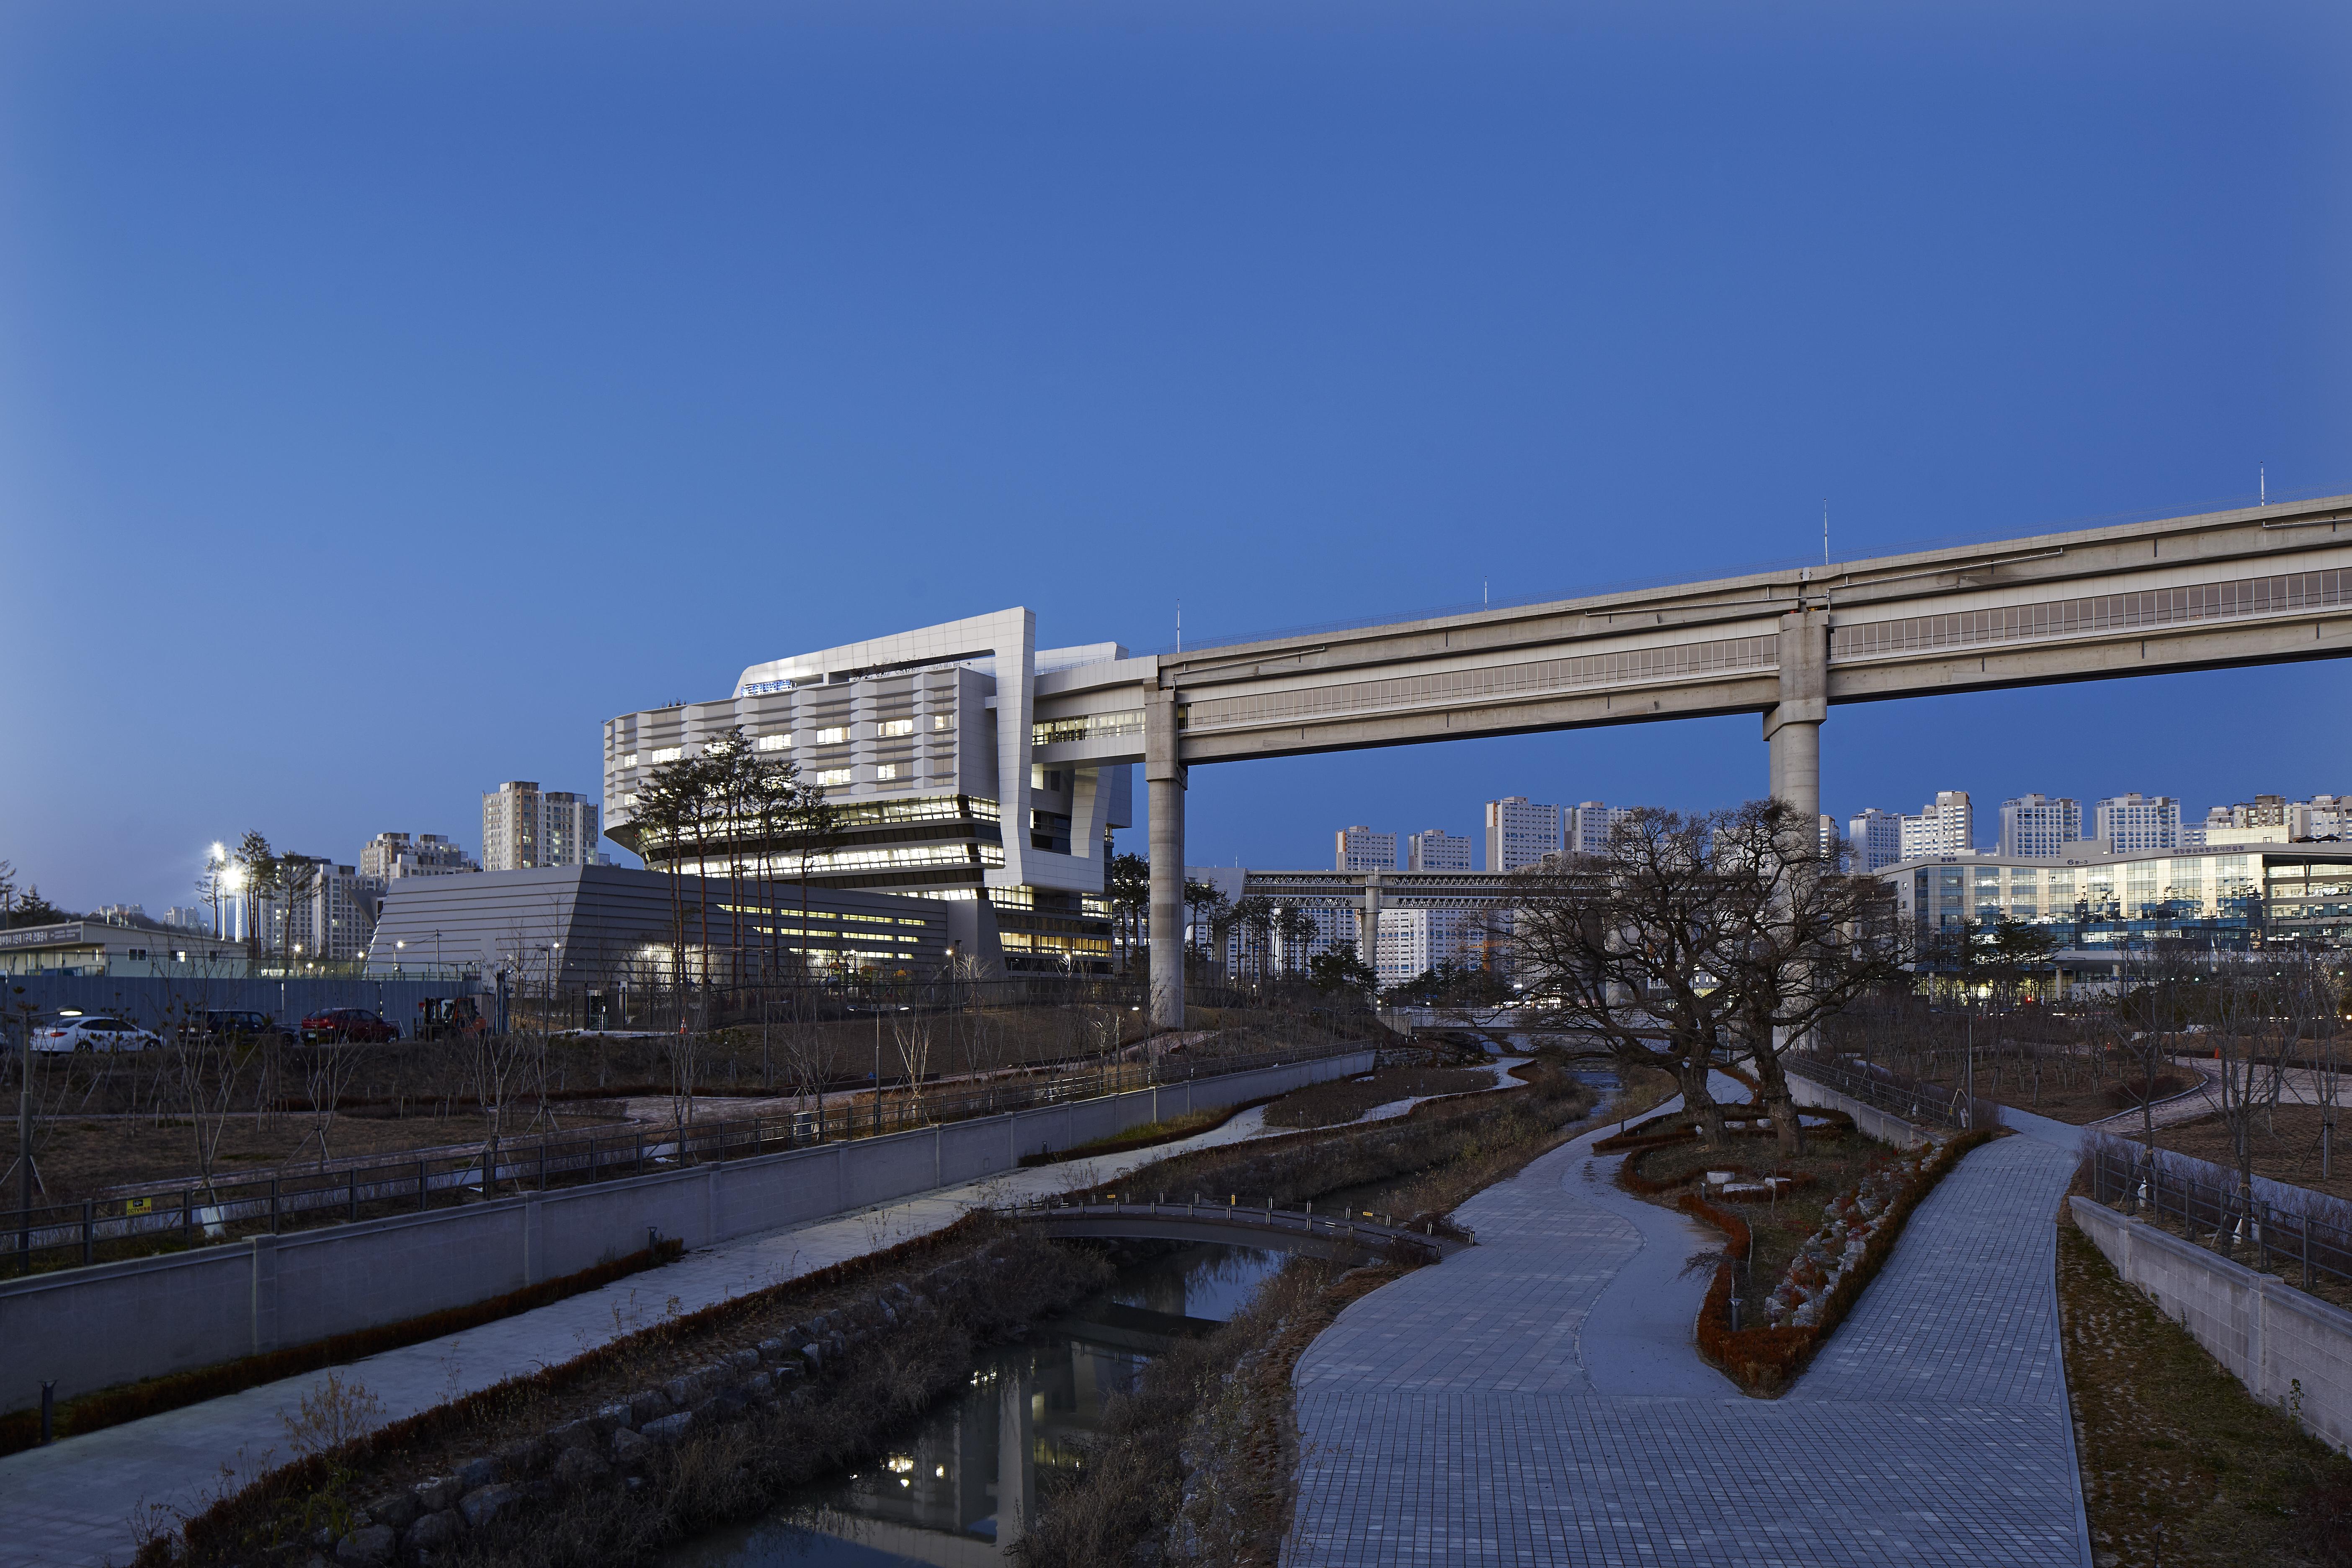 〔안정원의 건축 칼럼〕 미래형 명품도시의 모범 사례로 손꼽히는 행정중심복합도시 3